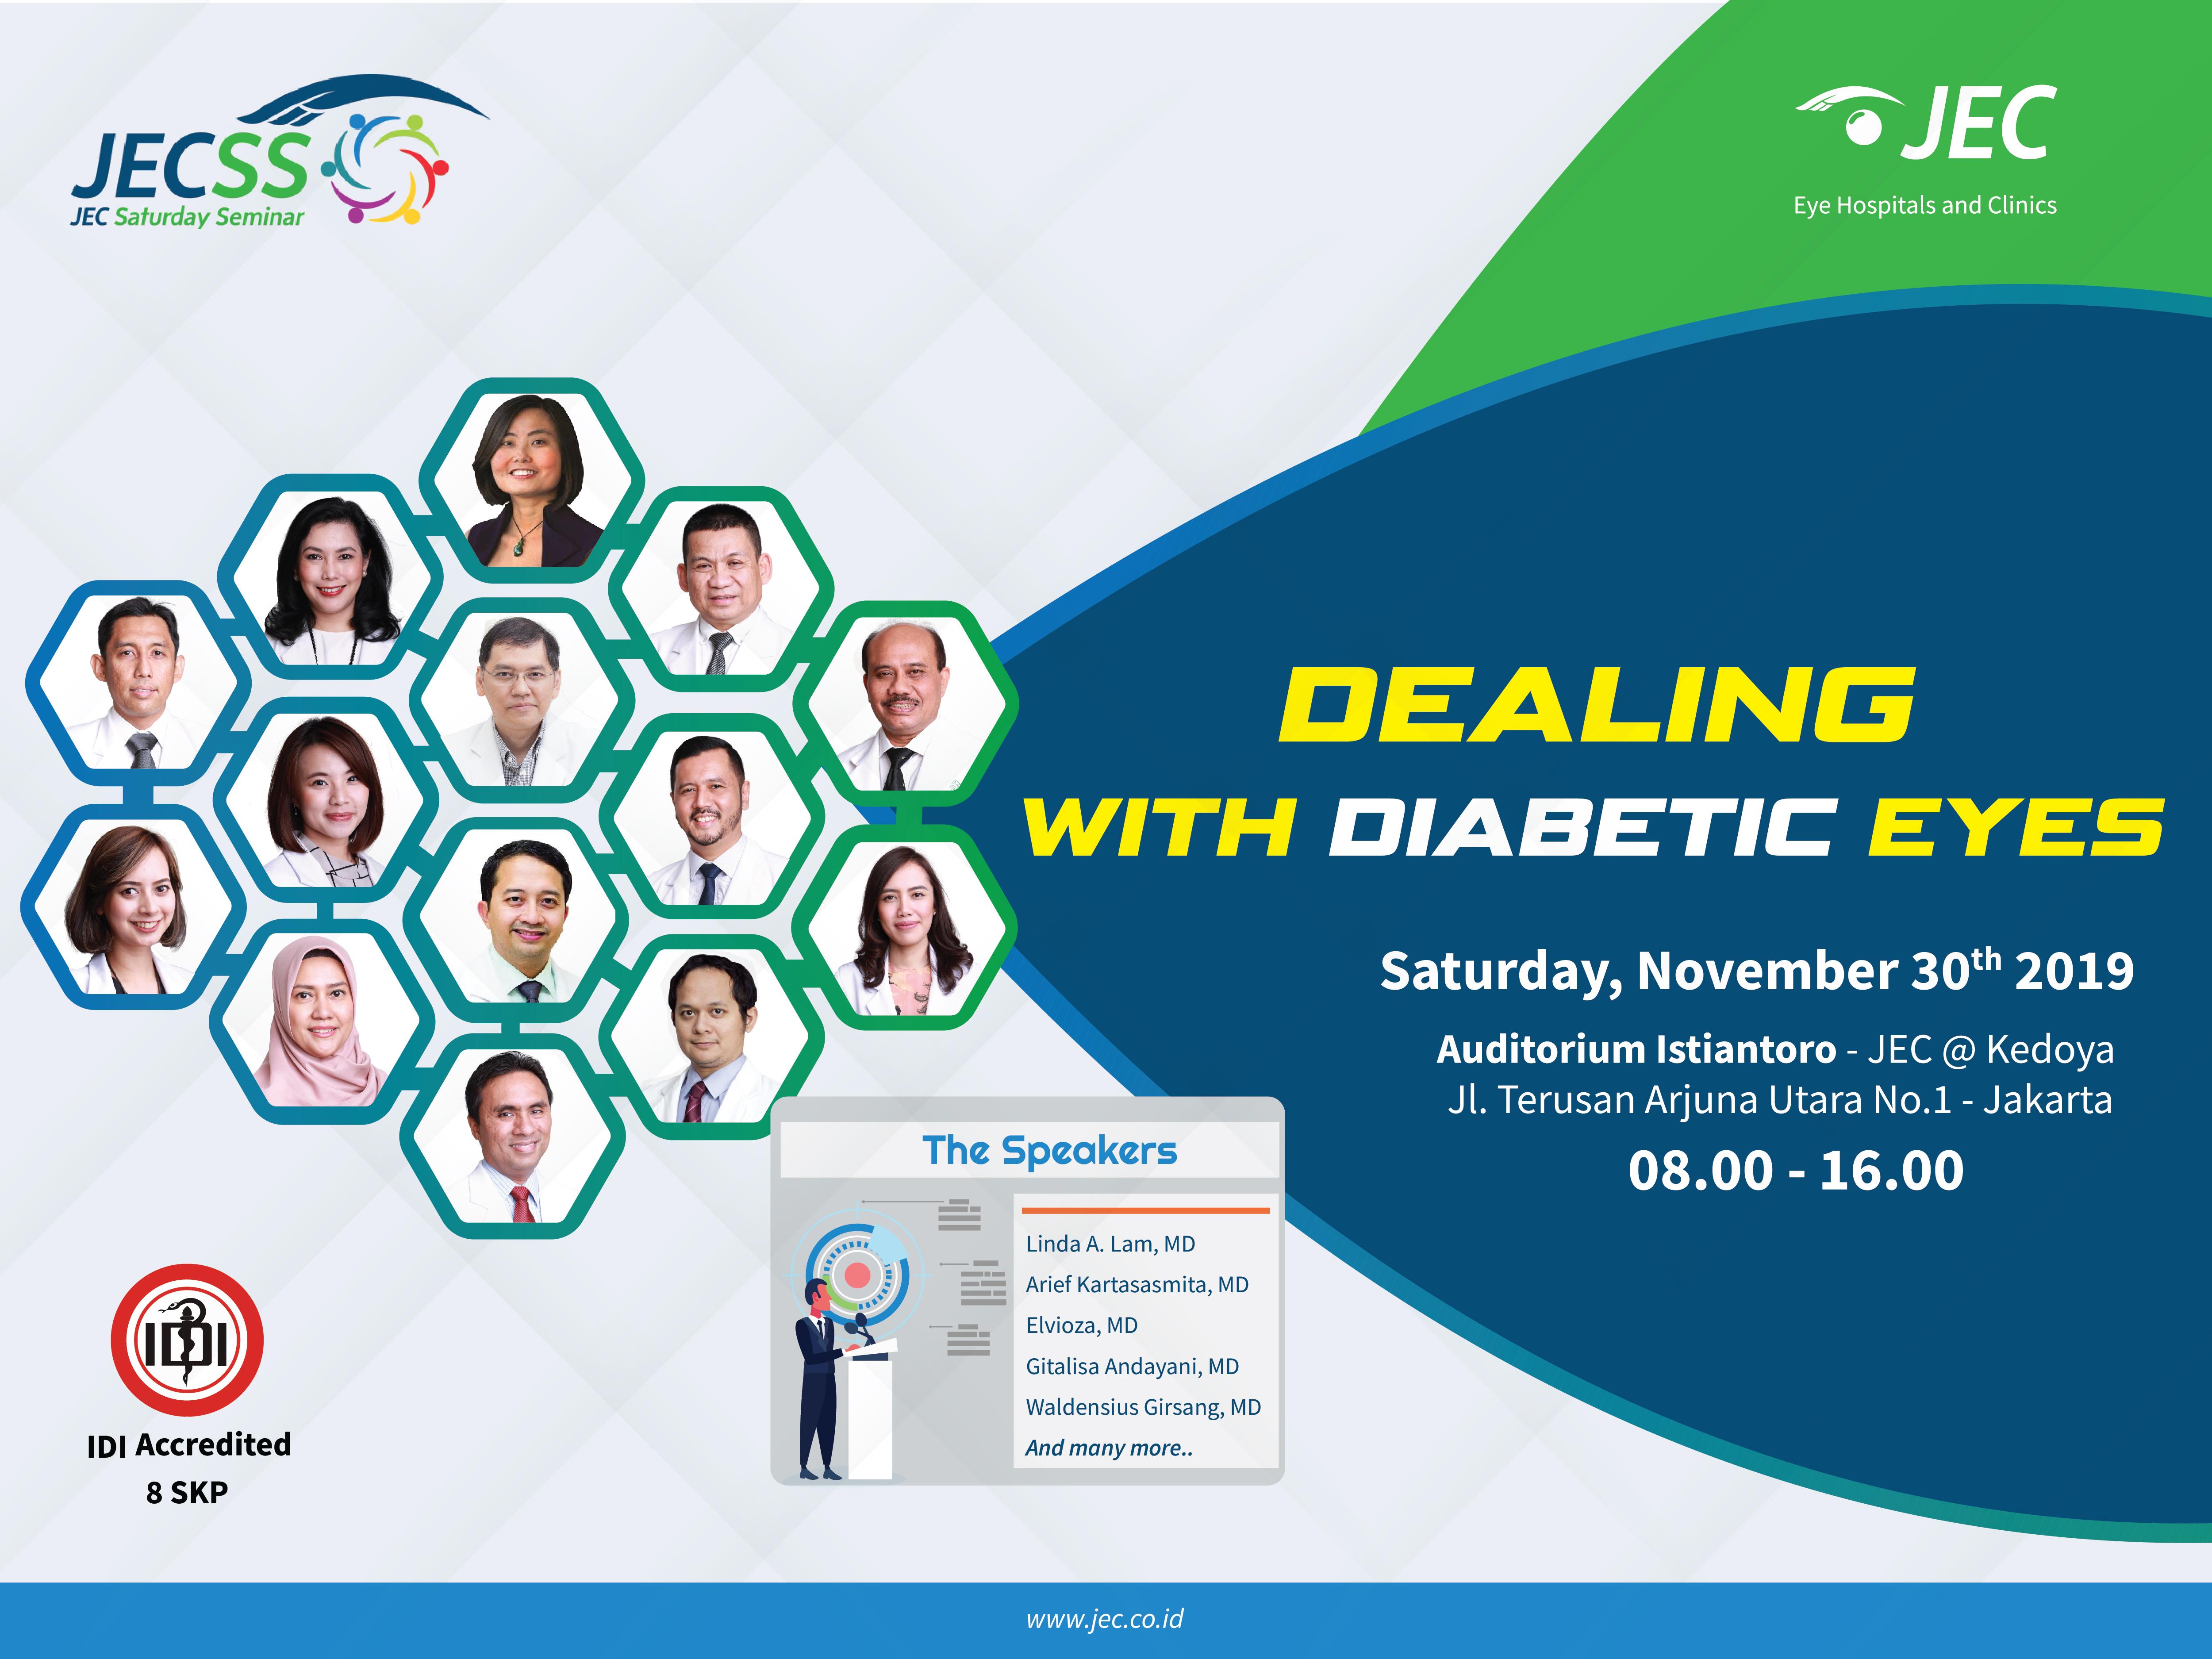 JEC Saturday Seminar